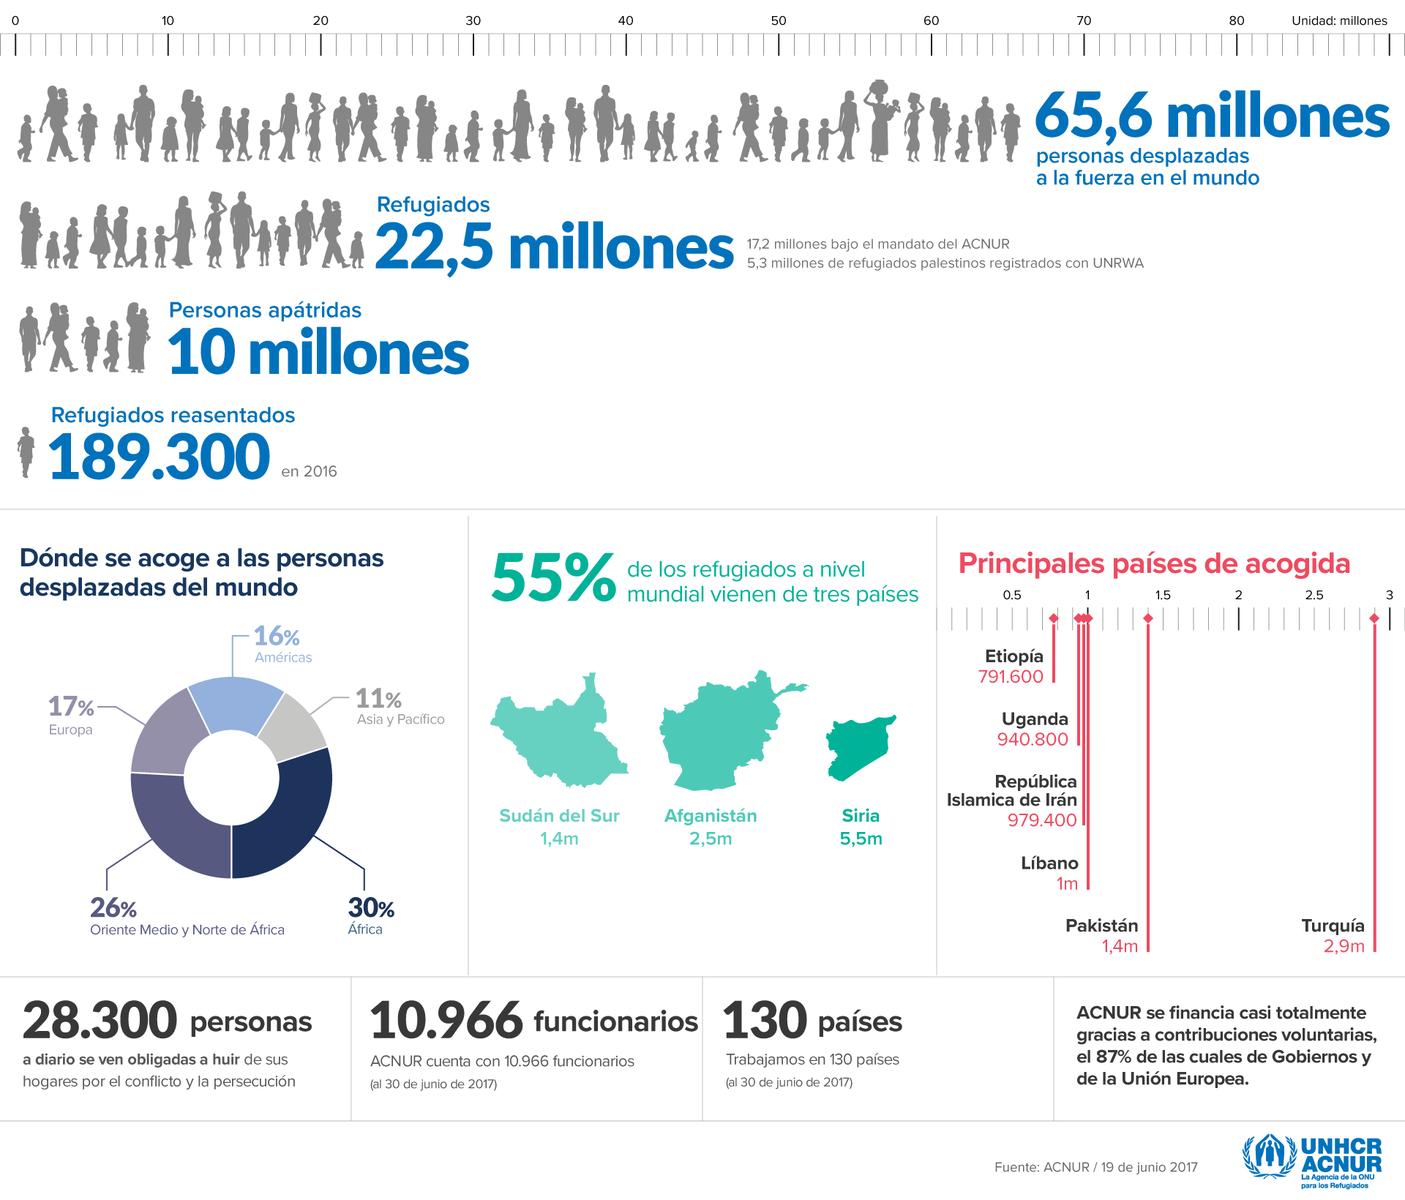 refugiados inmigración acnur datos mundo